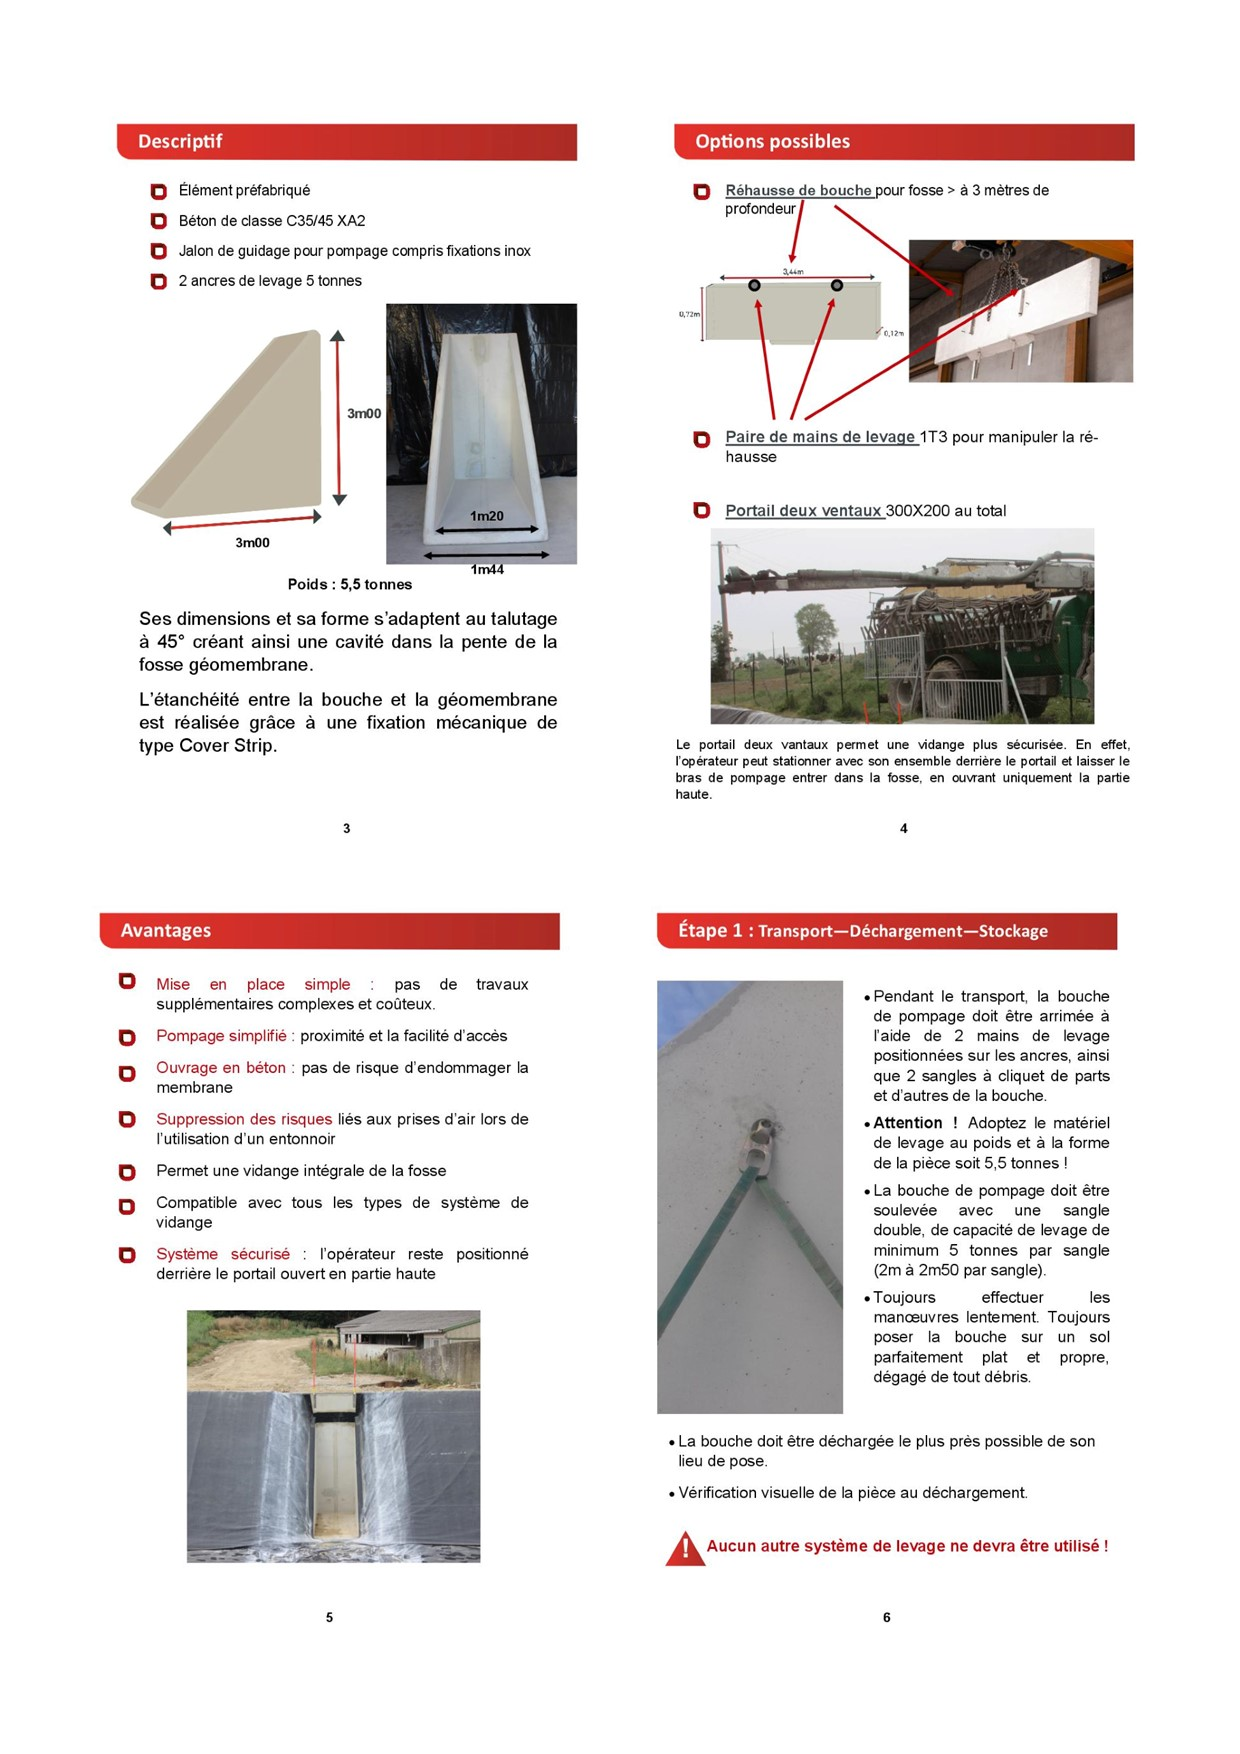 FICHE TECHNIQUE BOUCHE DE POMPAGE - page 1